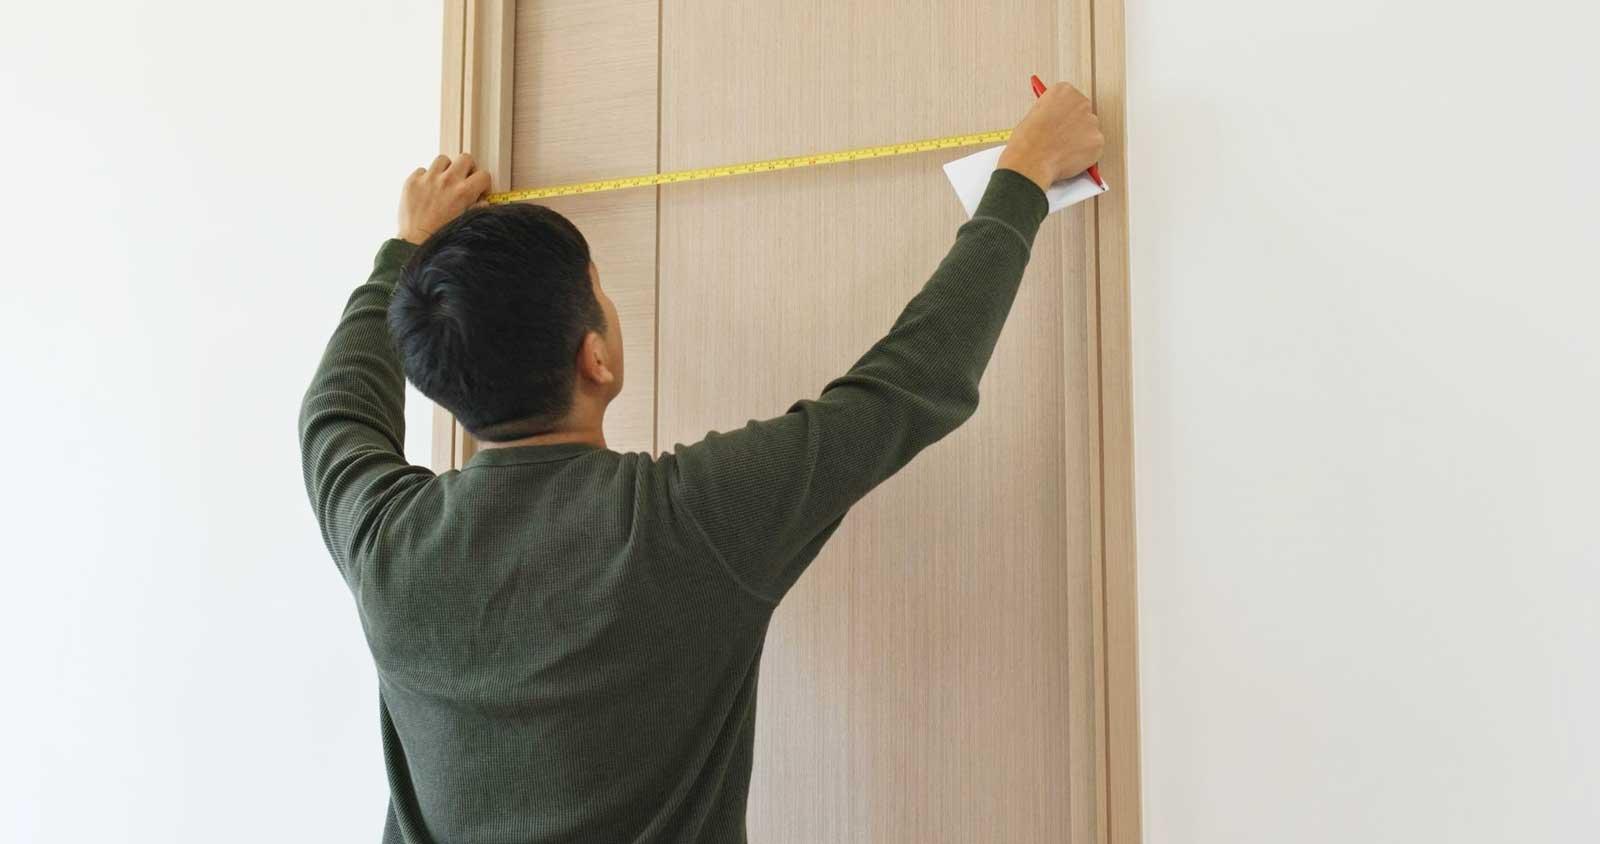 How to measure a screen door